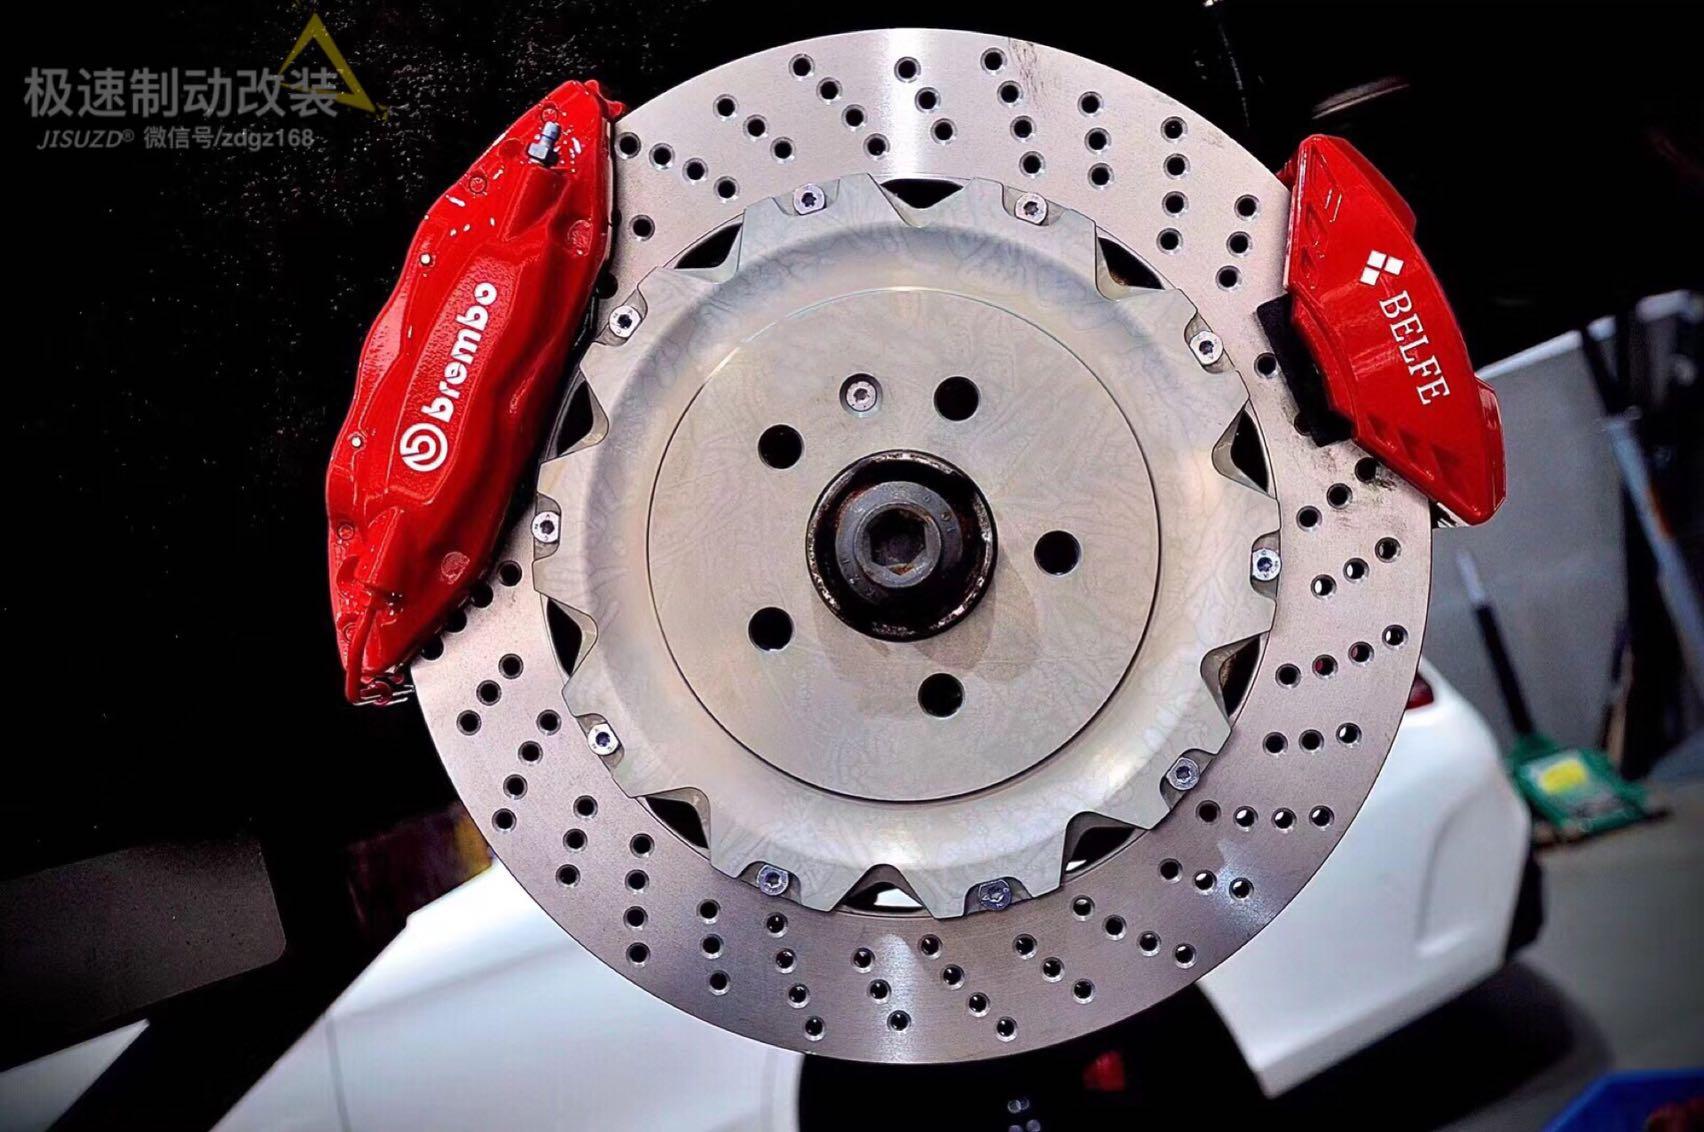 保时捷macan 刹车升级Brembo前六后四套装➕后轮电子卡钳(双卡钳),方案成熟。